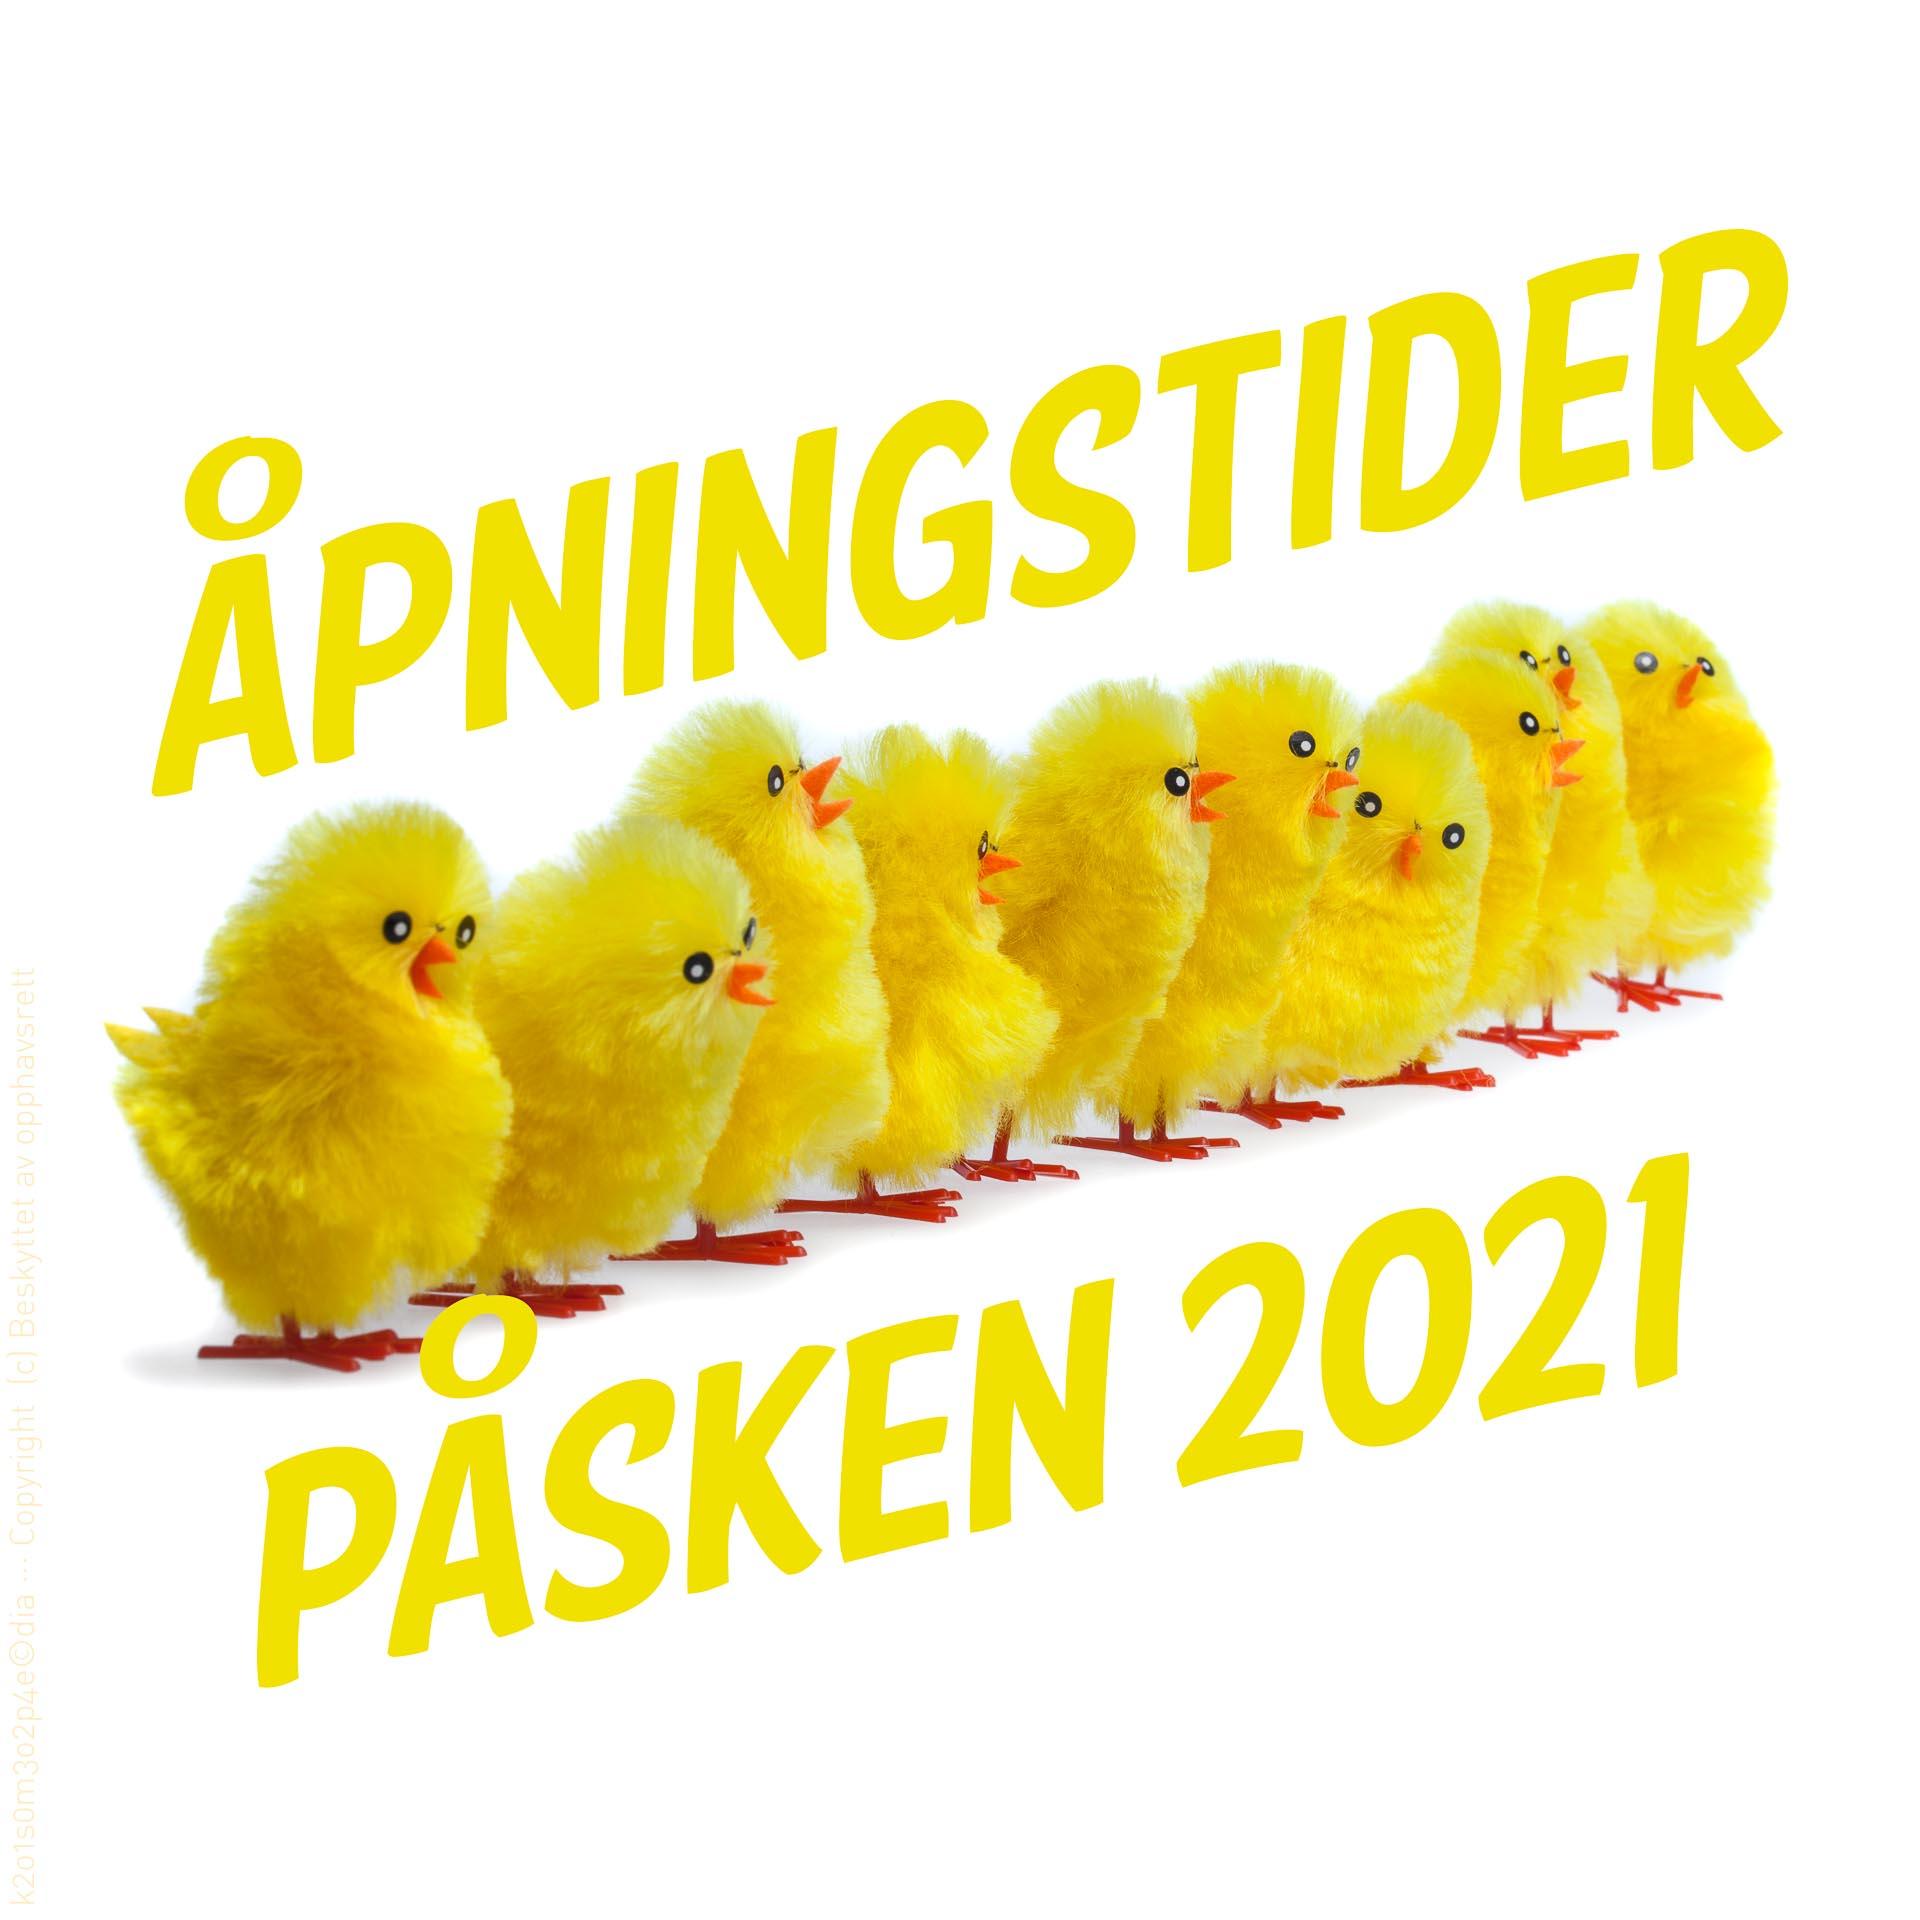 Åpningstider påsken 2021